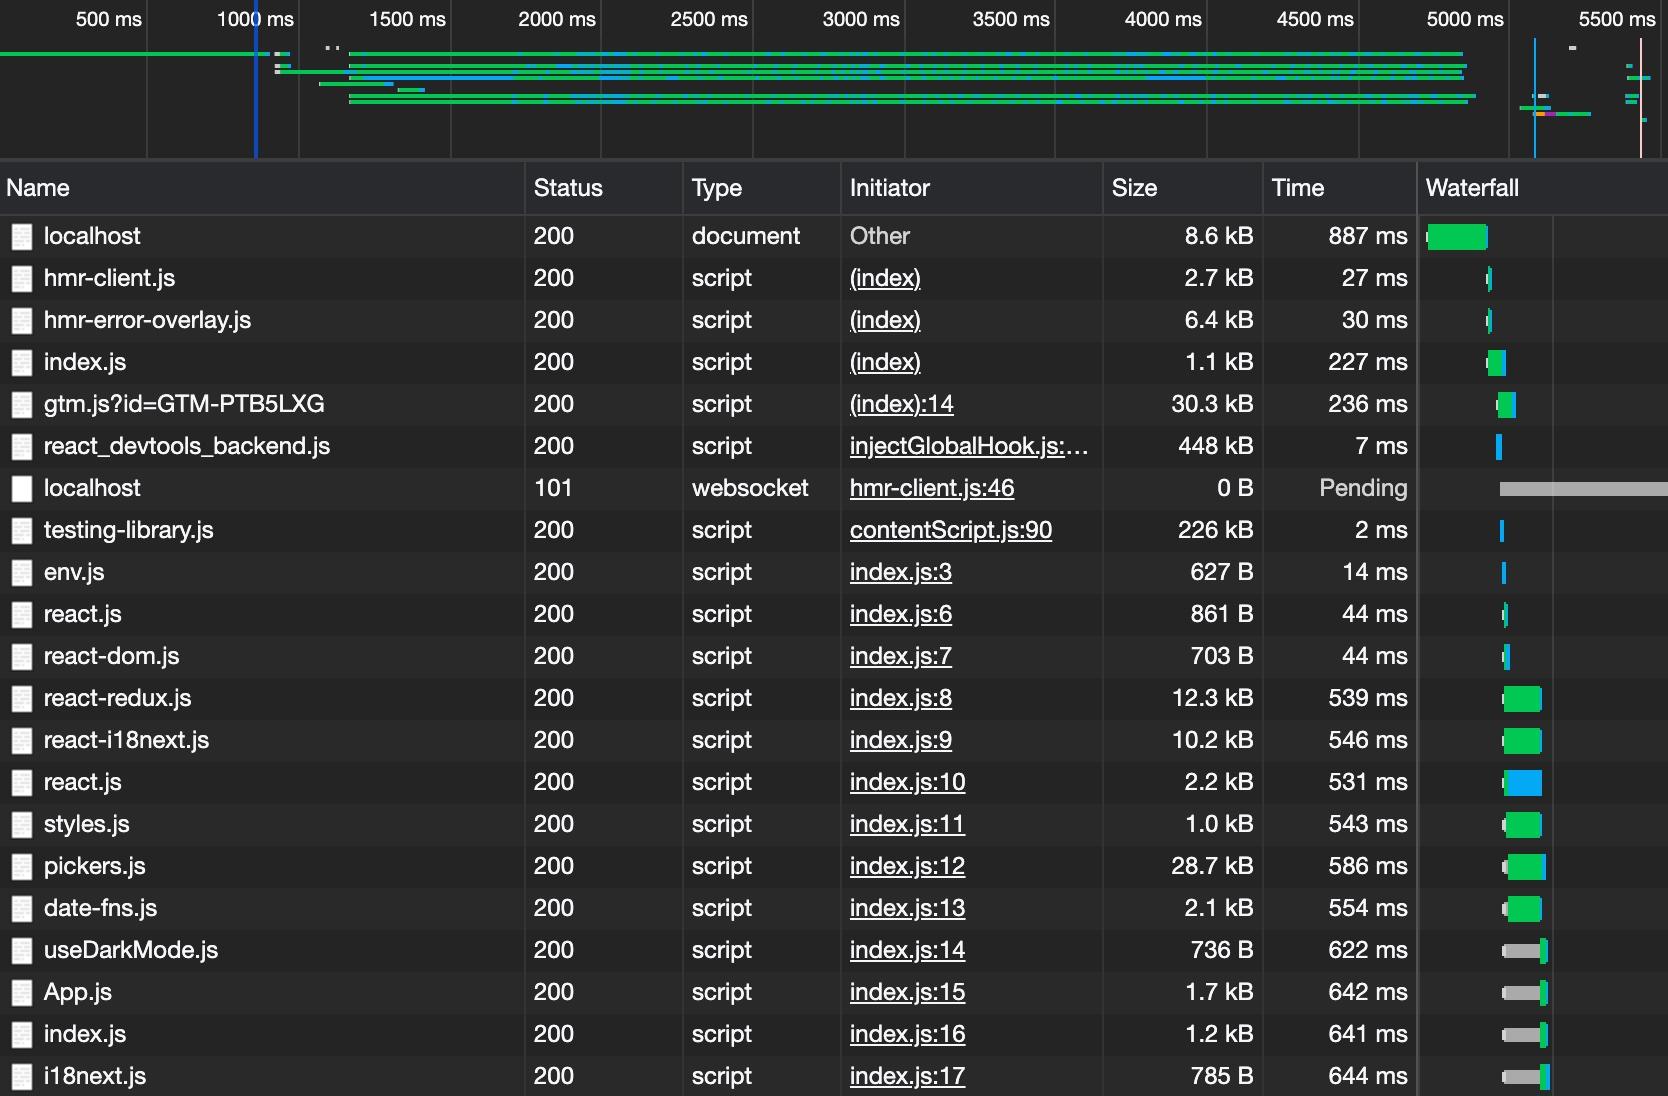 20201215 로컬서버 페이지 로드 시간 - 최초 로딩 (dependency 설치 후)